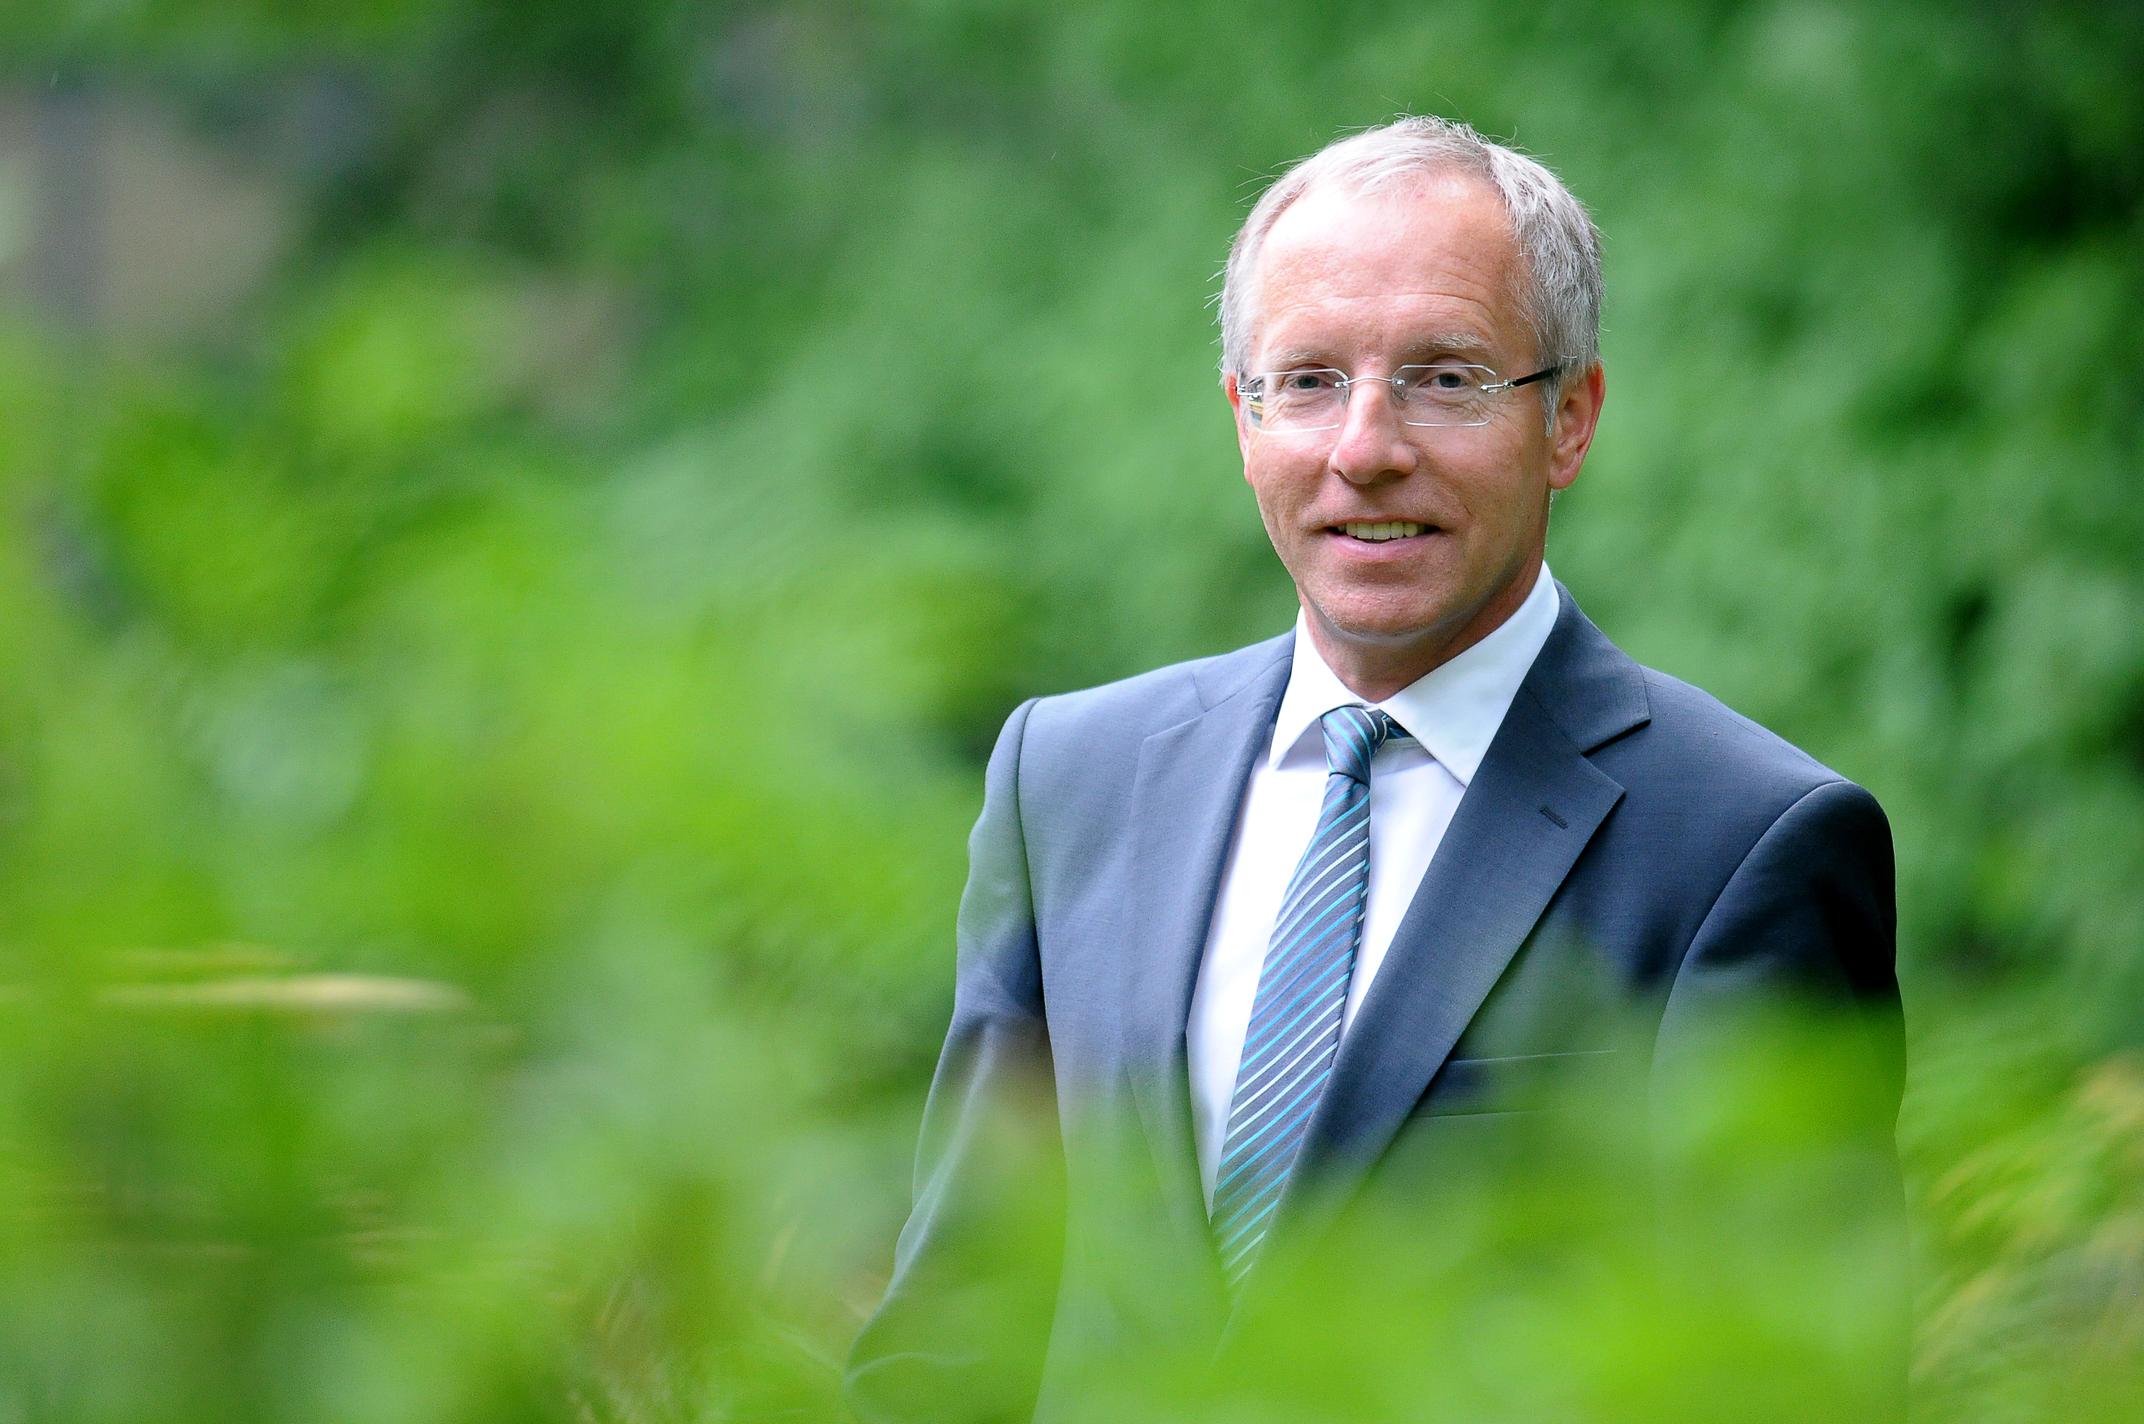 Interview mit dem Deutschlandfunk: Prof. Dr. Karl-Rudolf Korte